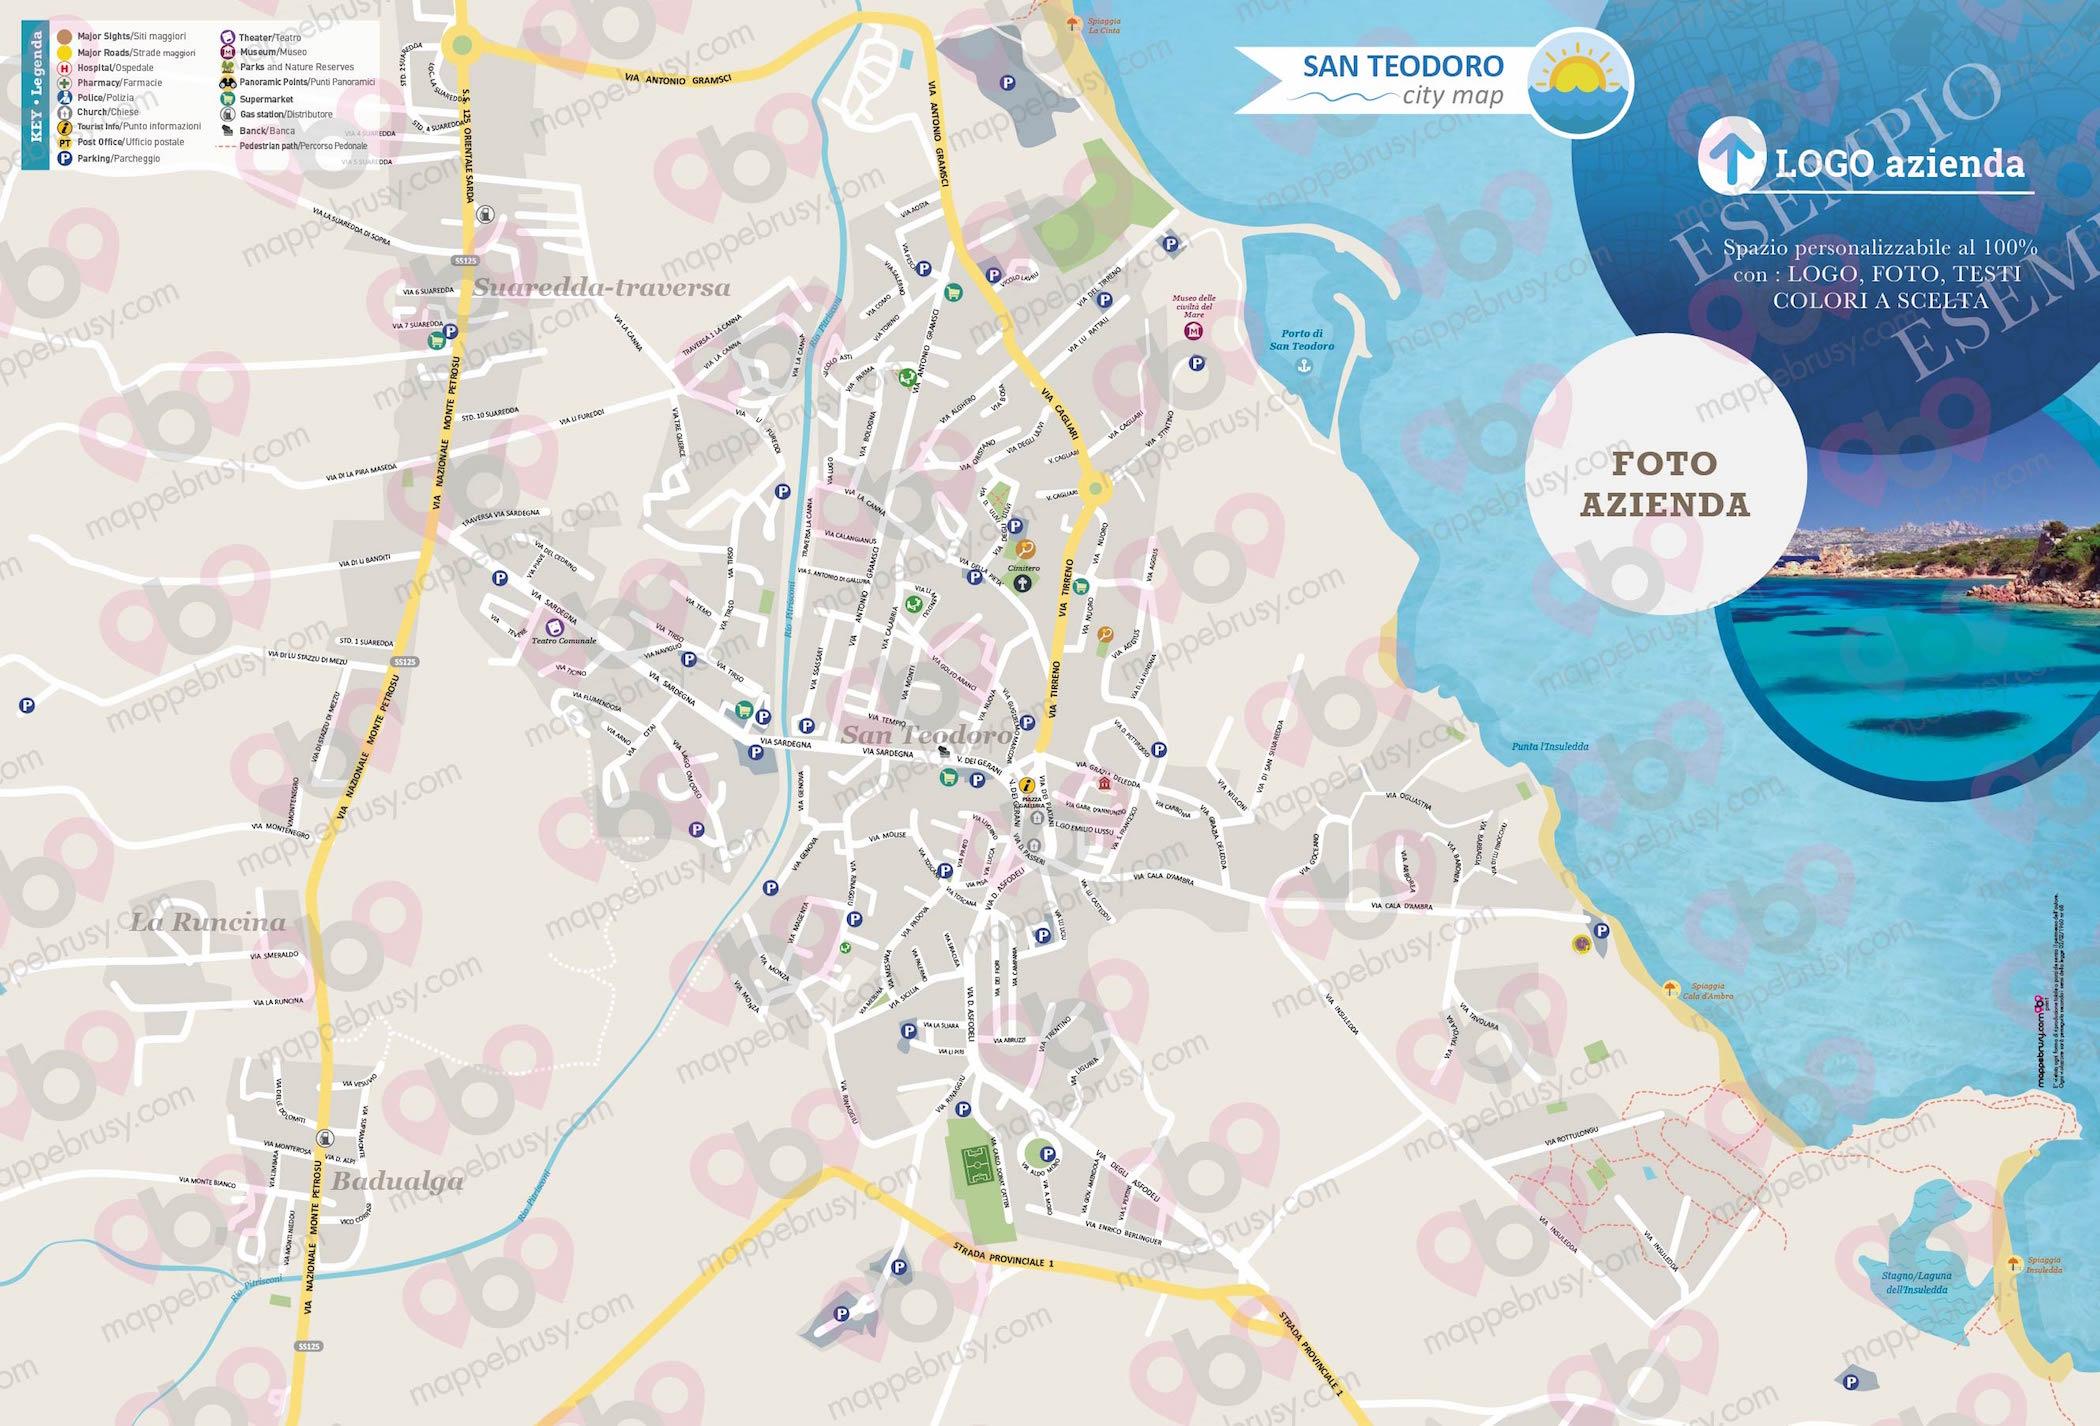 Cartina Di San Teodoro Sardegna.San Teodoro Ot Mappe Brusy